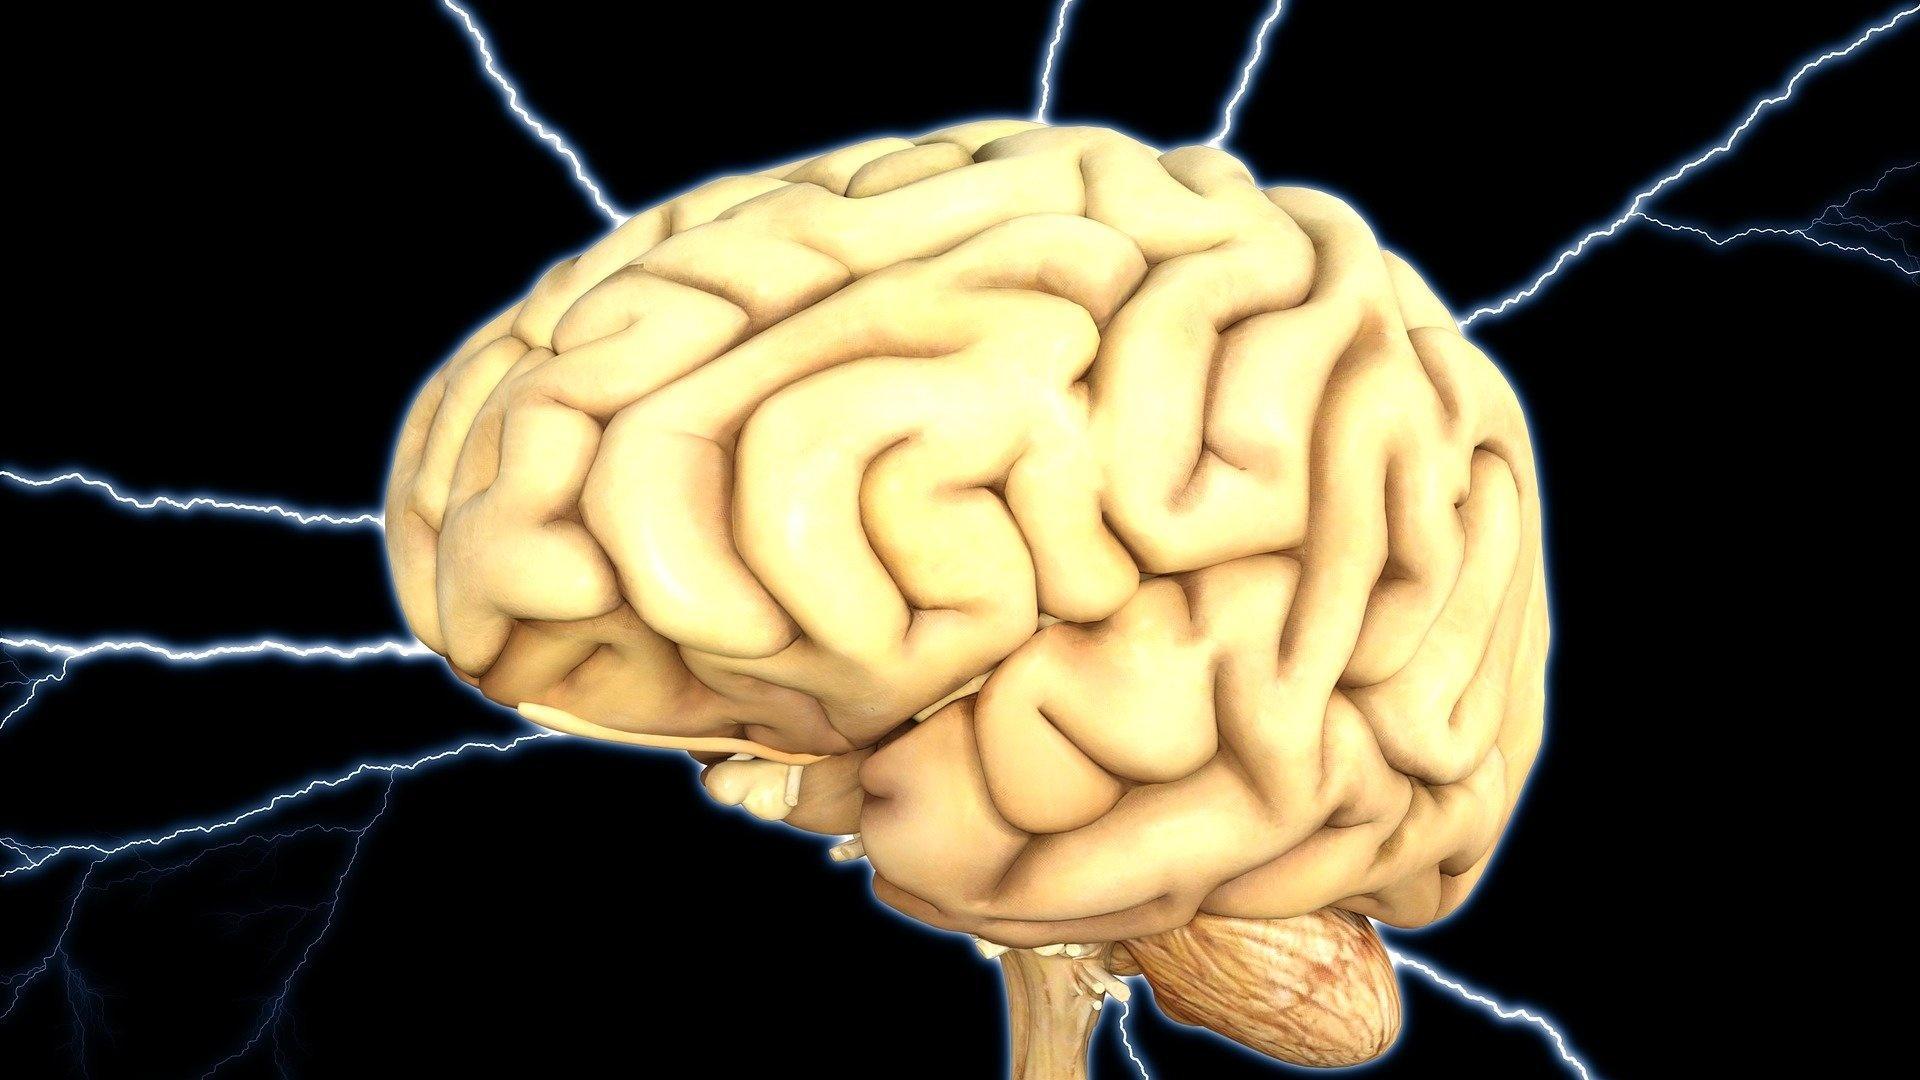 Ventrikel sind lebenswichtig für ein funktionierendes Gehirn.